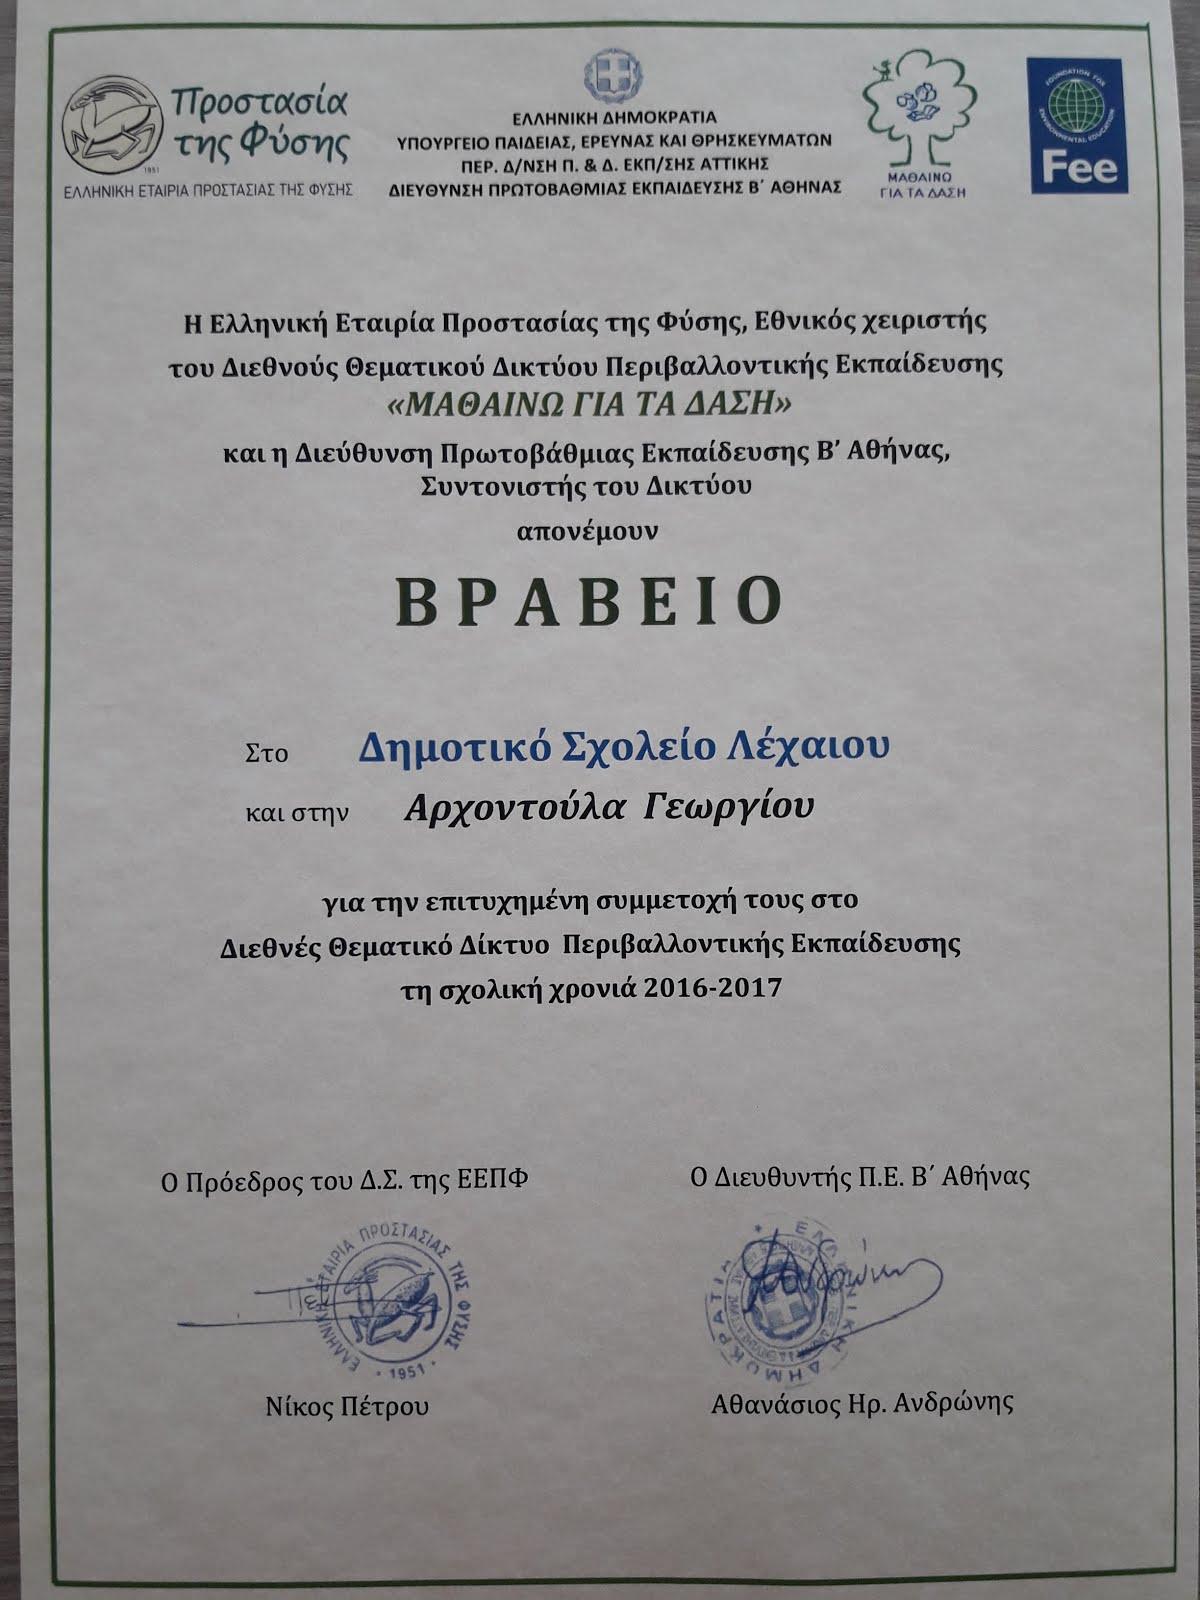 Βράβευση από την Ελληνική Εταιρεία Προστασίας της Φύσης